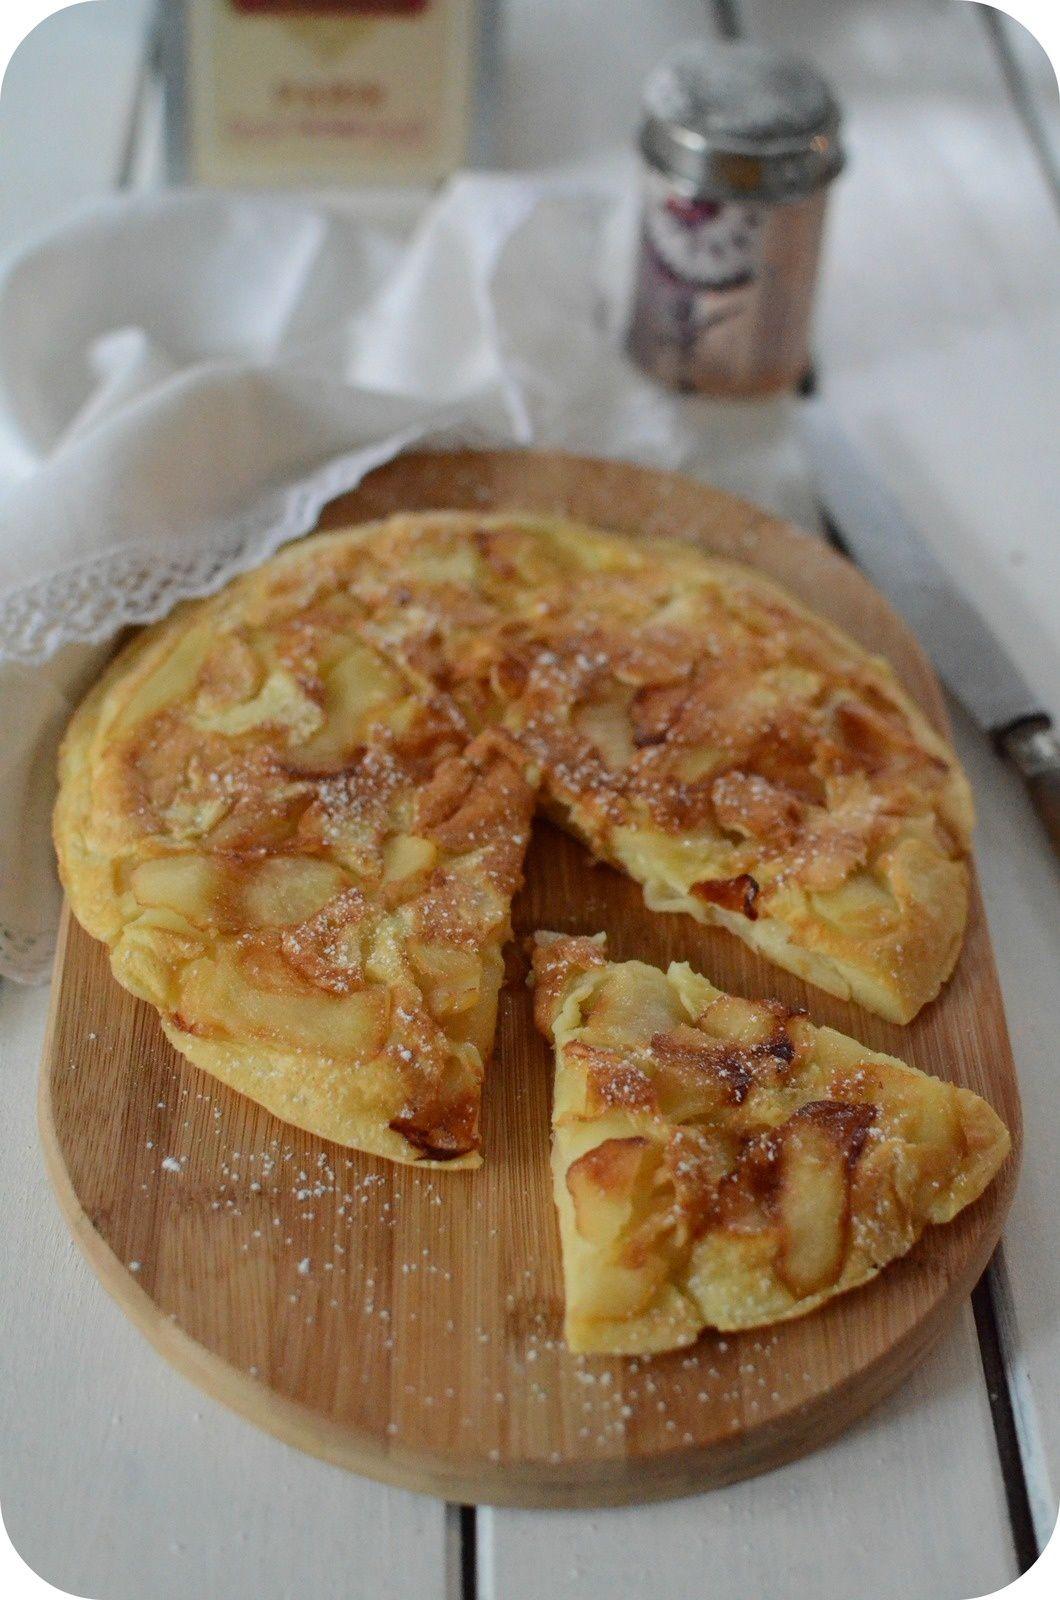 Cr pes aux pommes notes sucr es recettes de grand mere - Recette crepe grand mere ...